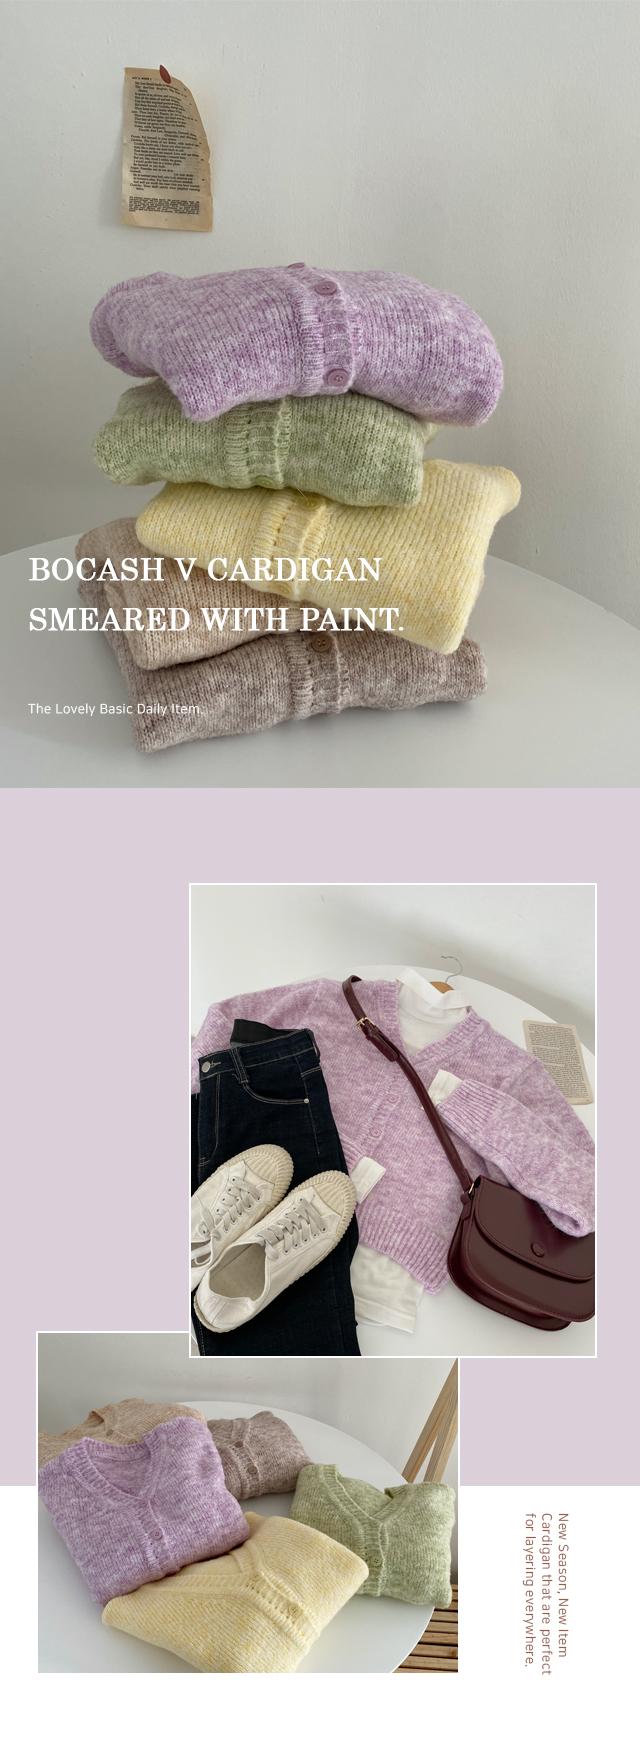 Painted shading V cardigan